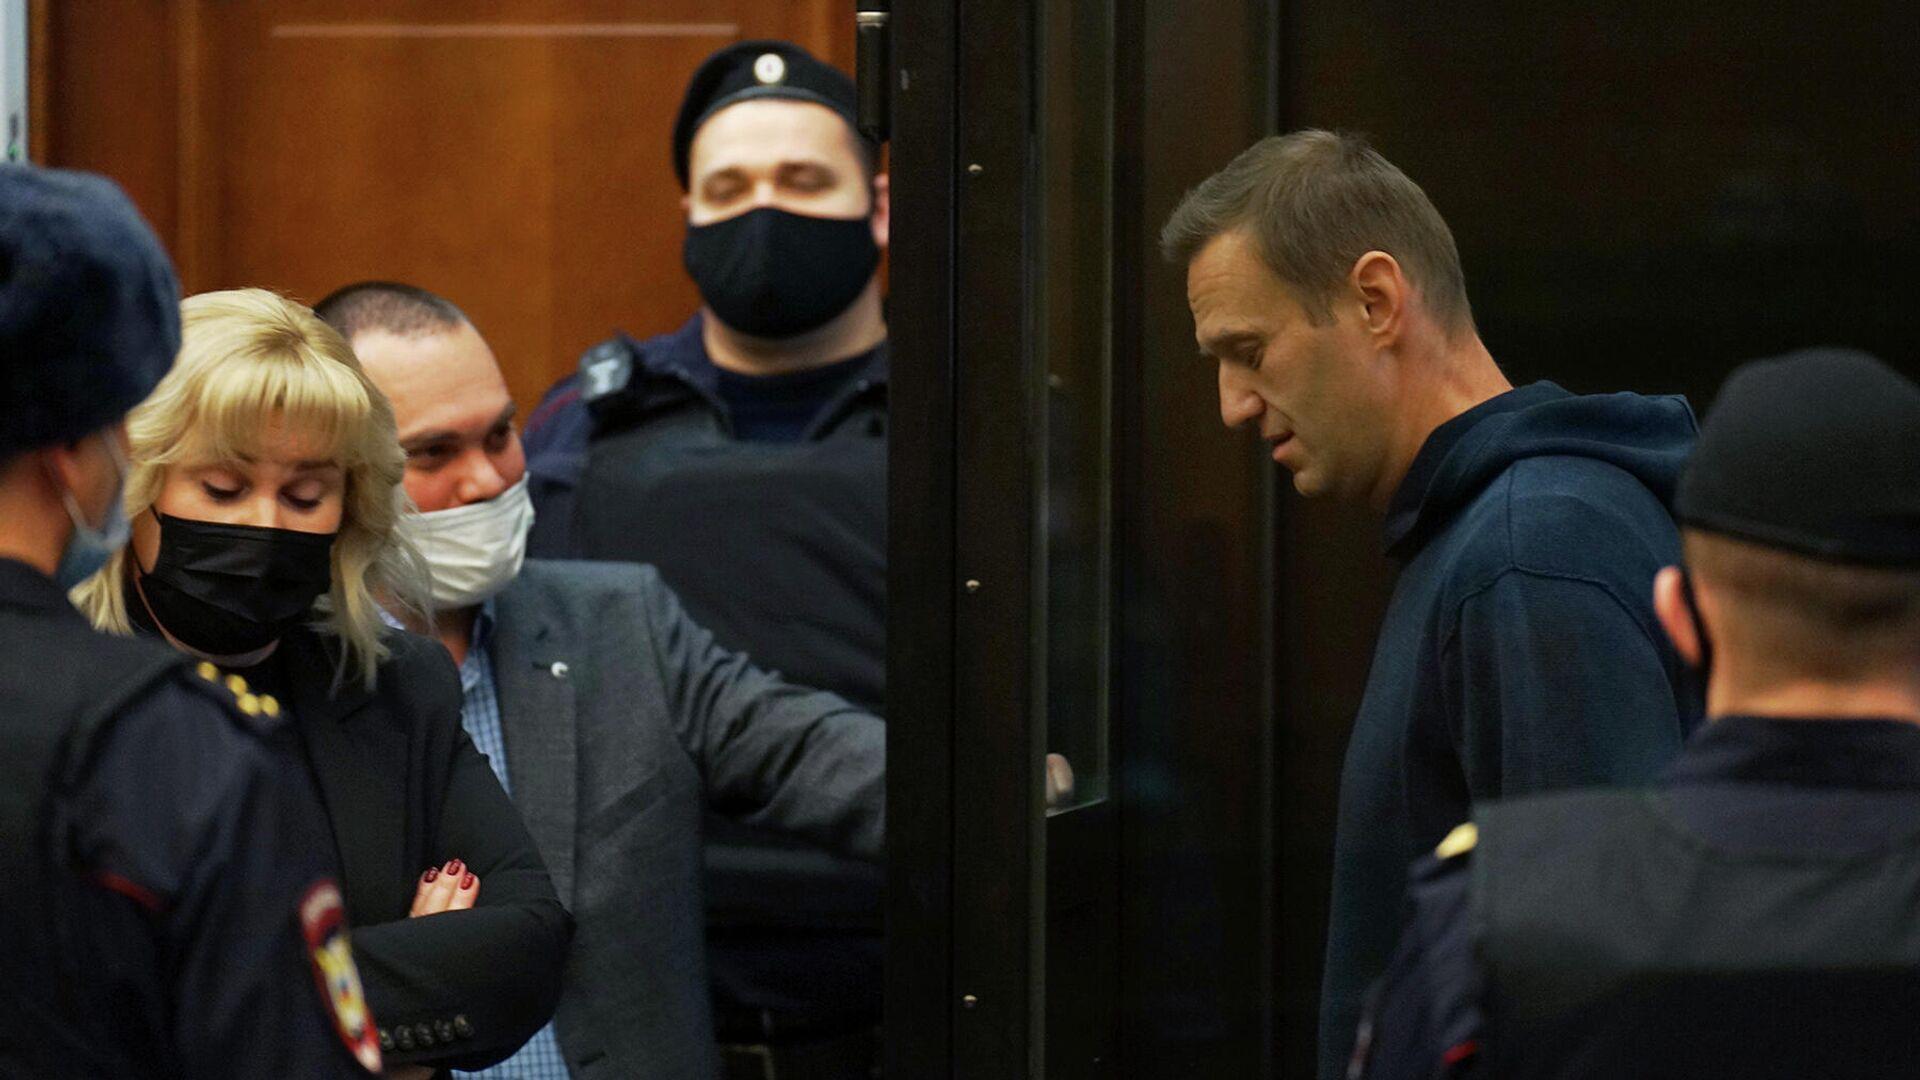 Алексей Навальный во время заседания Мосгорсуда - РИА Новости, 1920, 02.02.2021